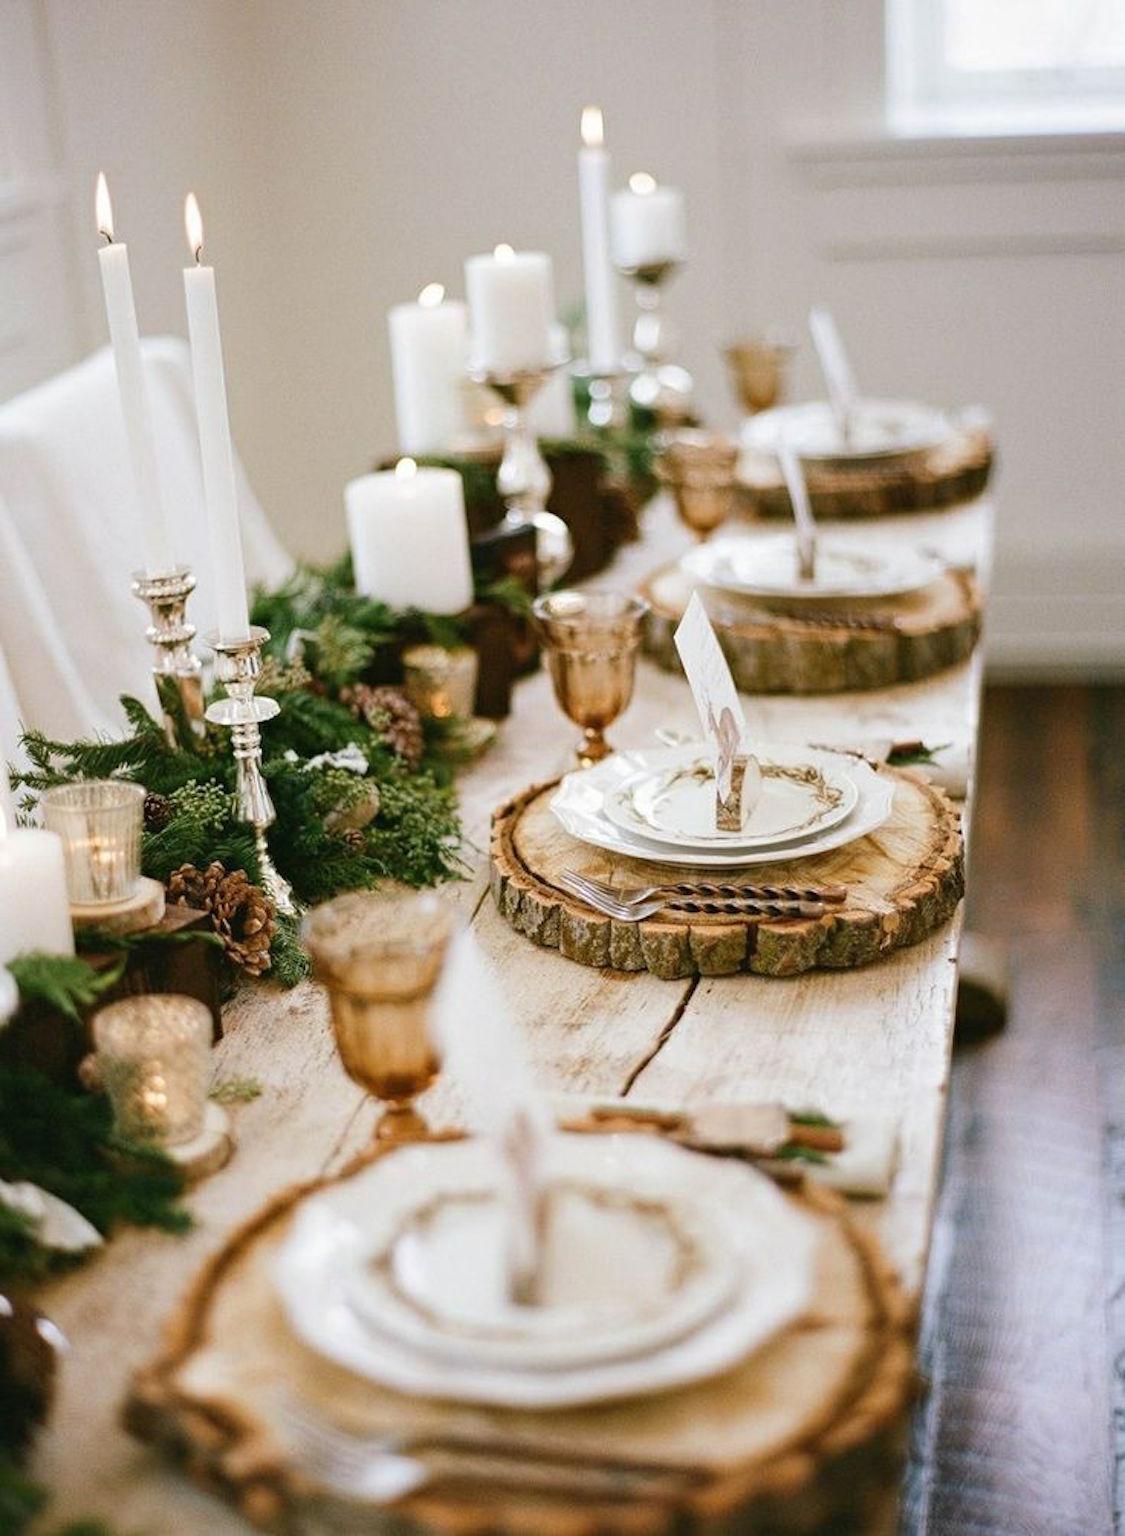 decoracao-mesa-de-natal-2015-dicas-danielle-noce-4